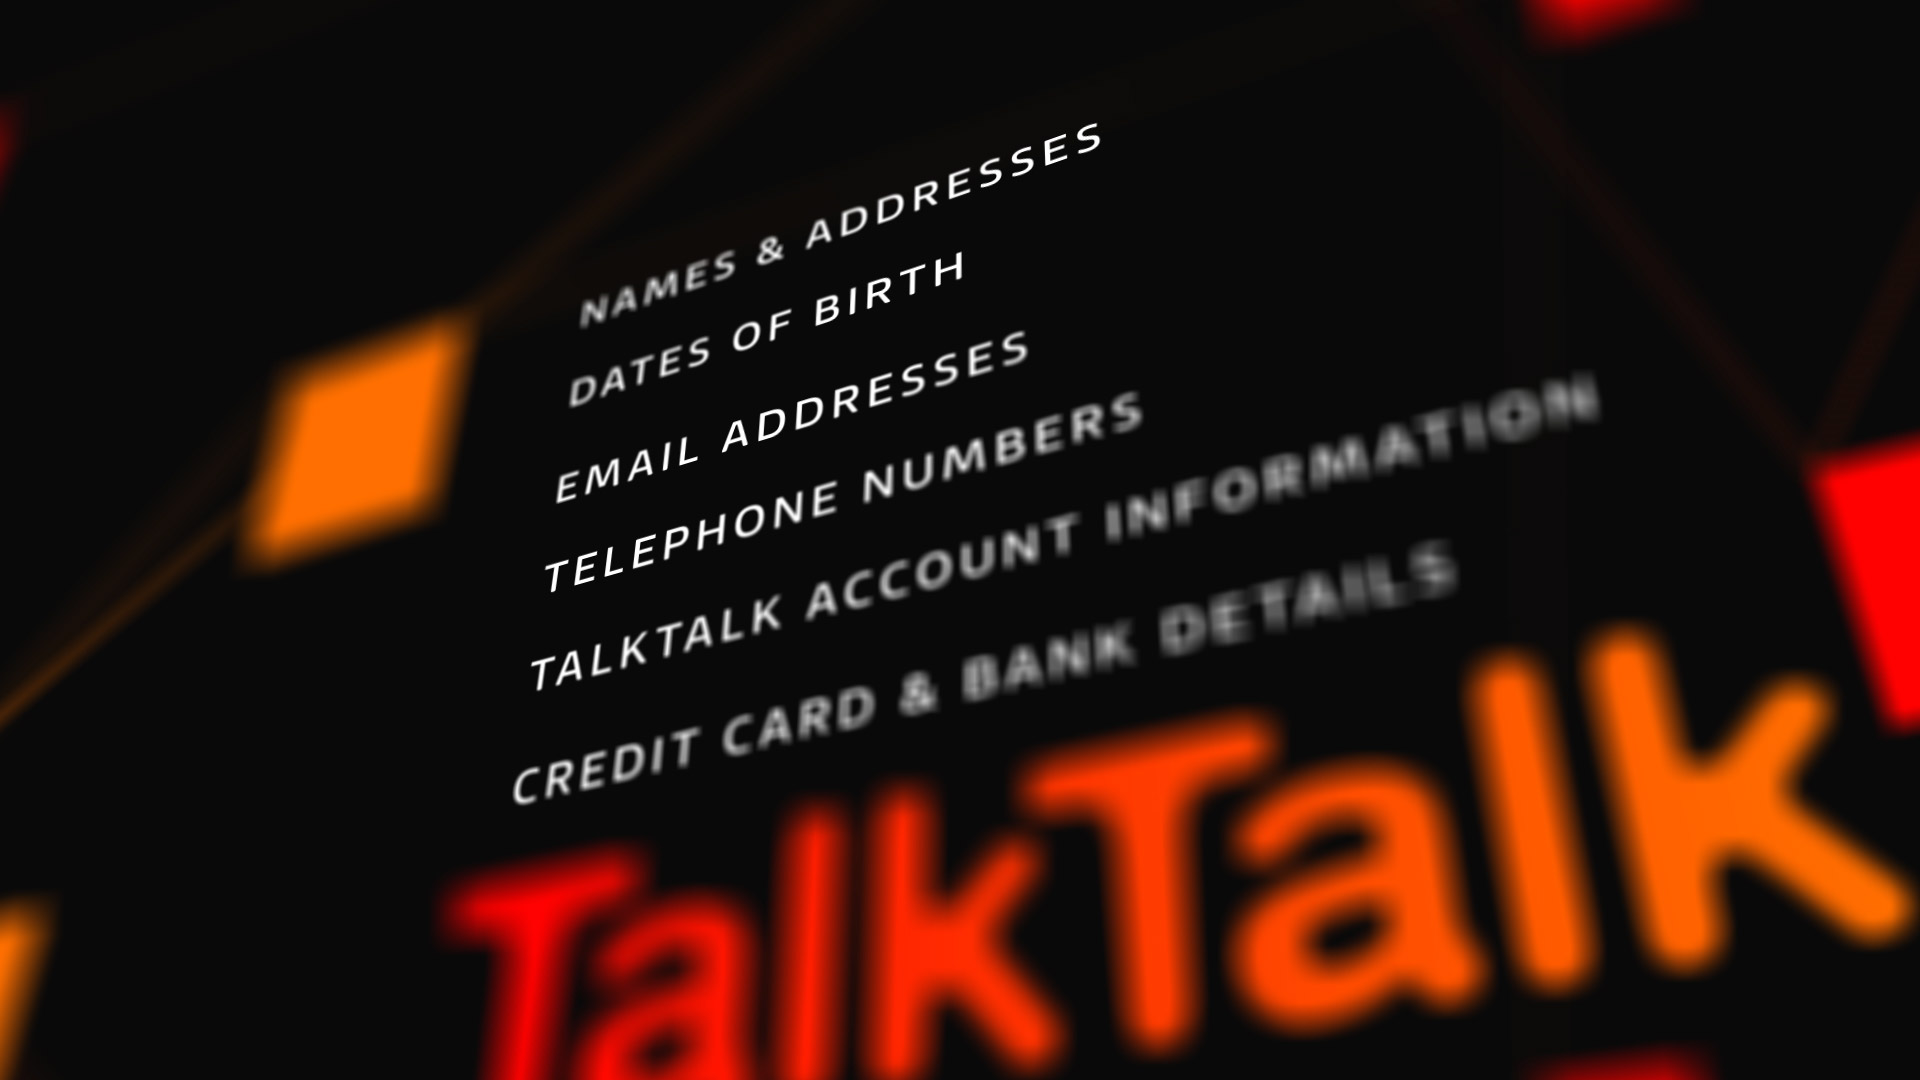 talktalk_6